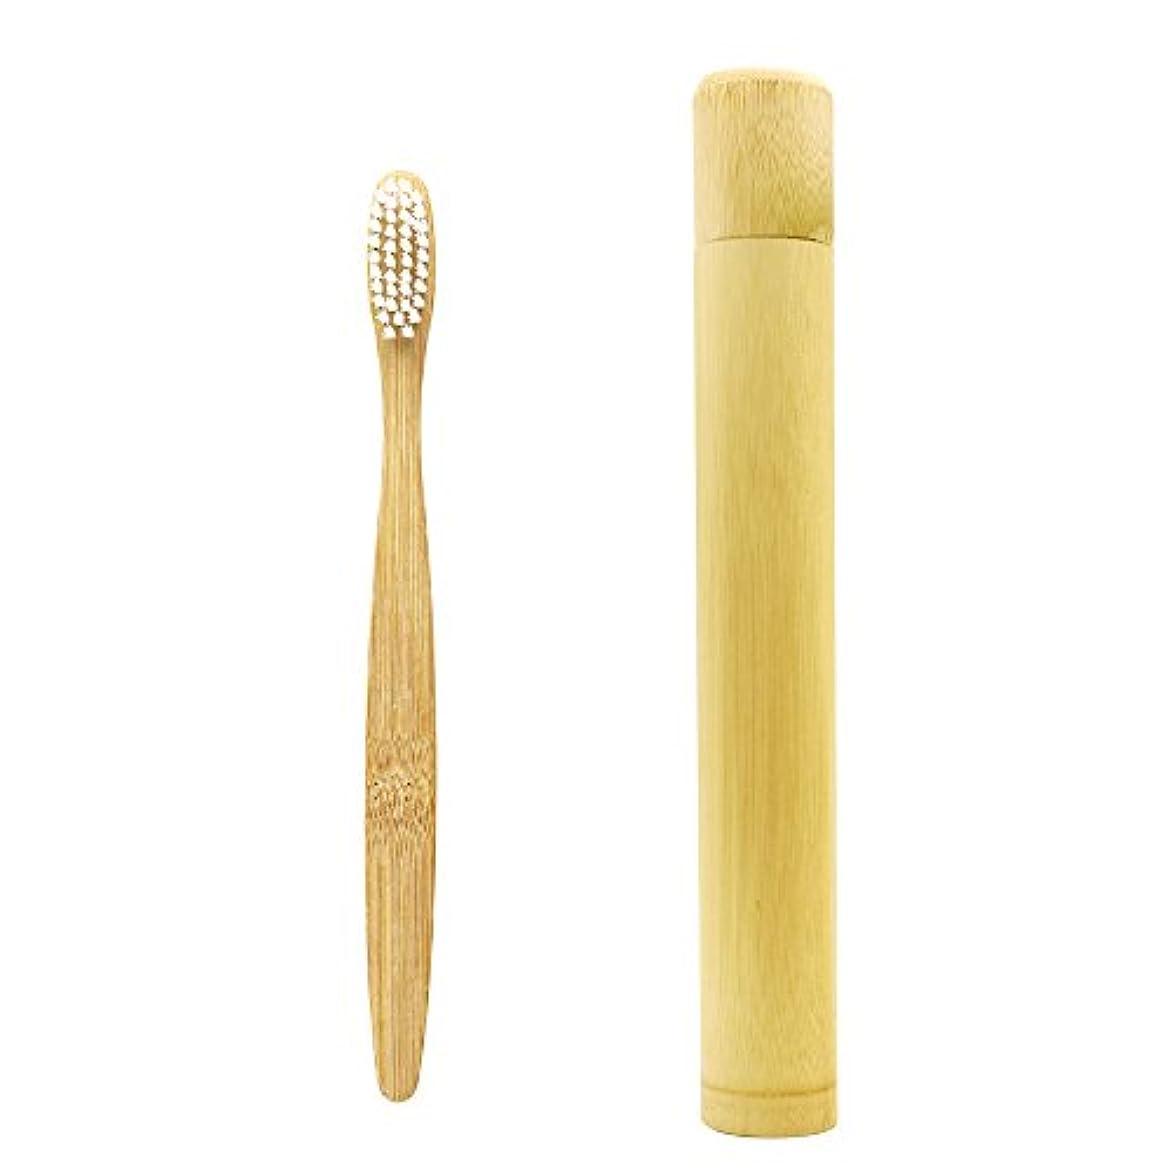 戦い扇動アーカイブN-amboo 竹製耐久度高い 白い歯ブラシ 携帯用 ケース付き セット 軽量 携帯便利 出張旅行